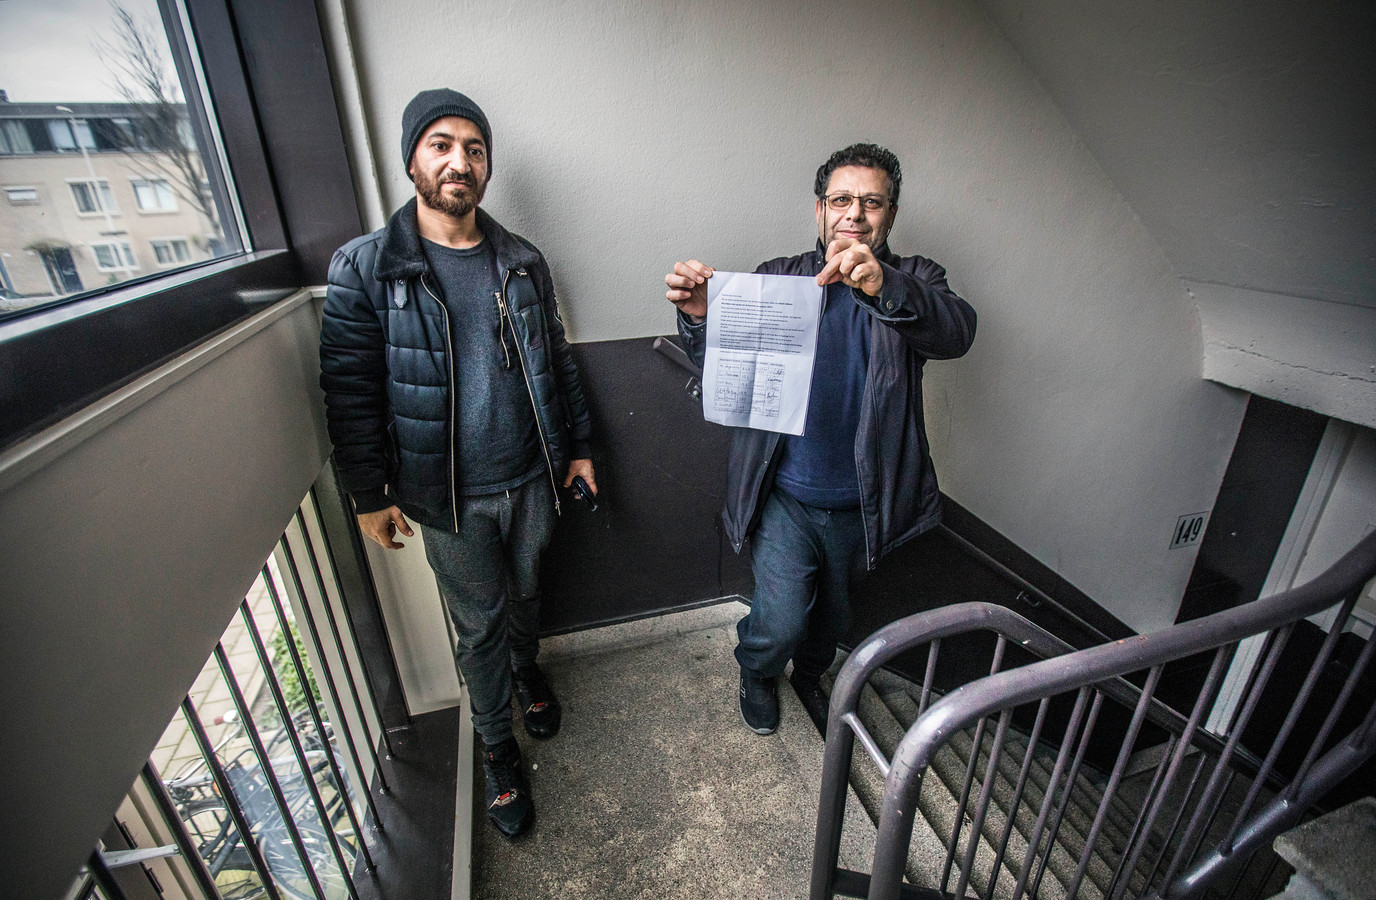 Bewoners Gayiranli (R) en Jamal. Alle bewoners hebben hun handtekening gezet.